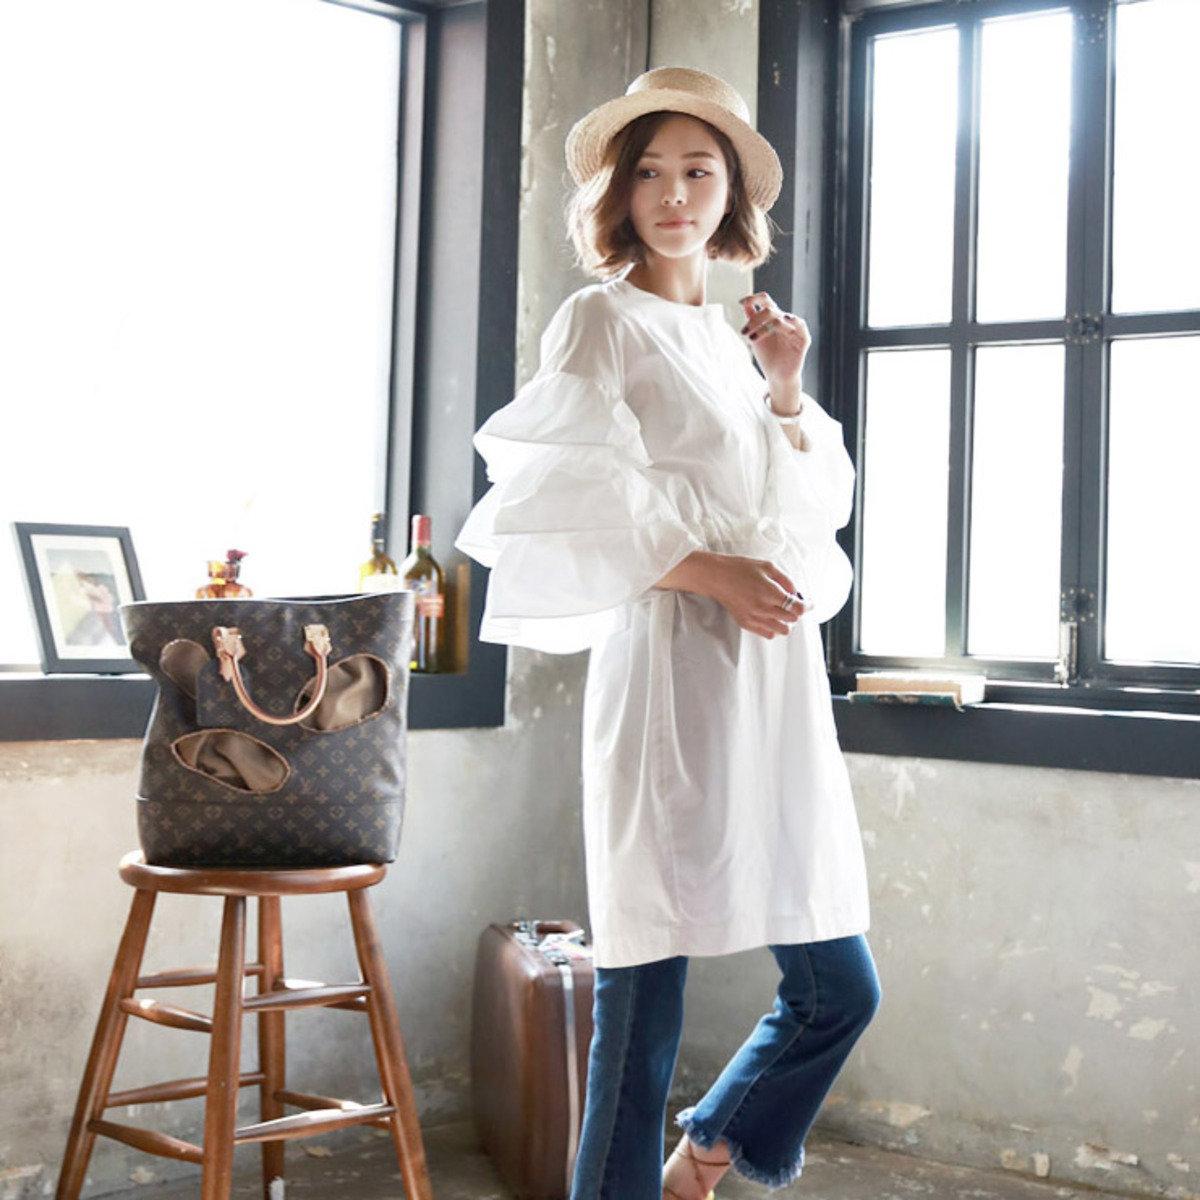 D-3778_層層袖束腰繩連身裙(外套) (孕婦裝)